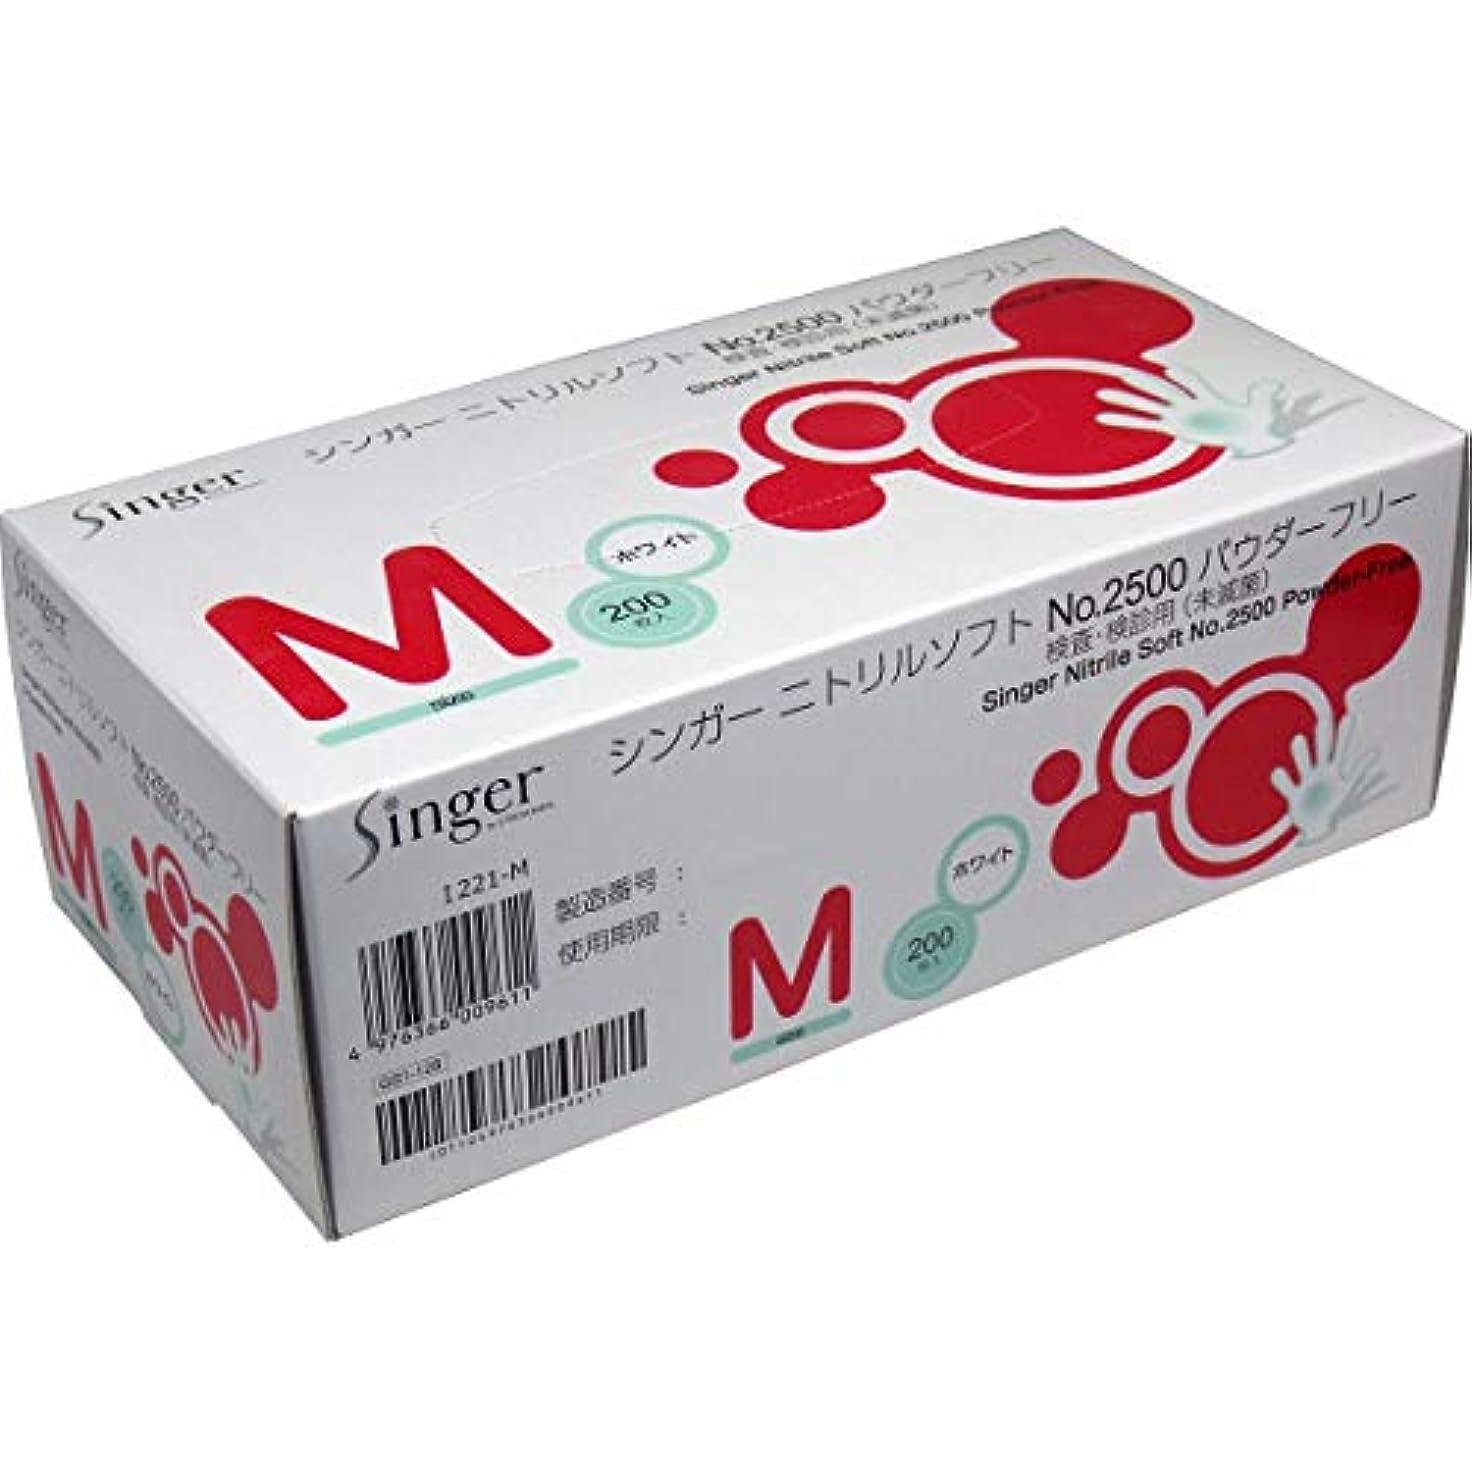 うれしい購入汗シンガーニトリルソフト No.2500 パウダーフリー ホワイト Mサイズ 200枚入×2個セット